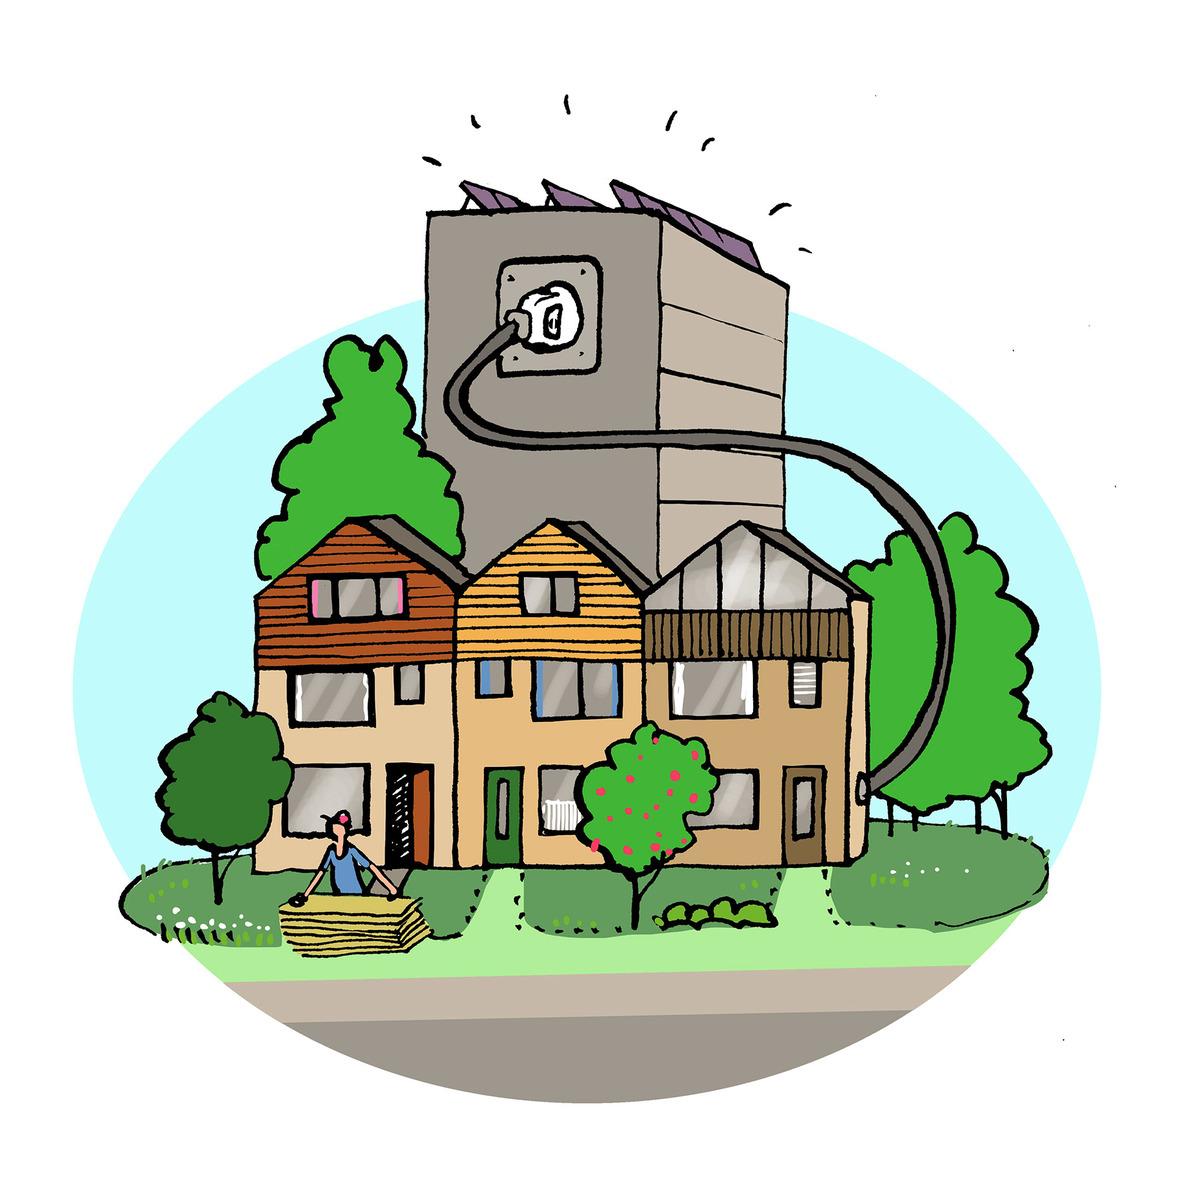 Illustratie Olivier Mooie mix toekomstbestendige en duurzame wijk